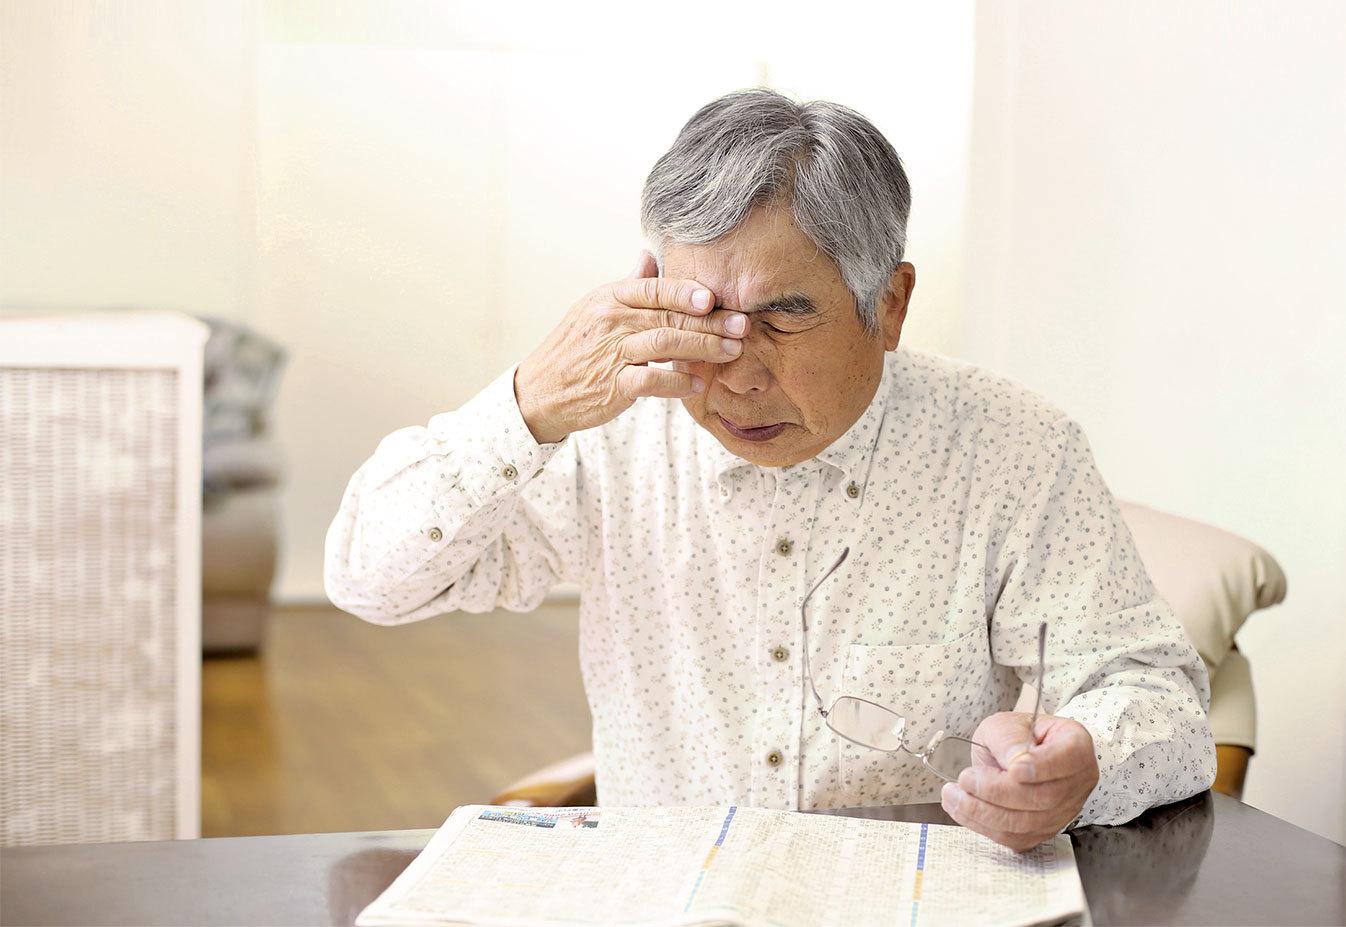 眼睛液化危機 黃斑部拉扯症候群